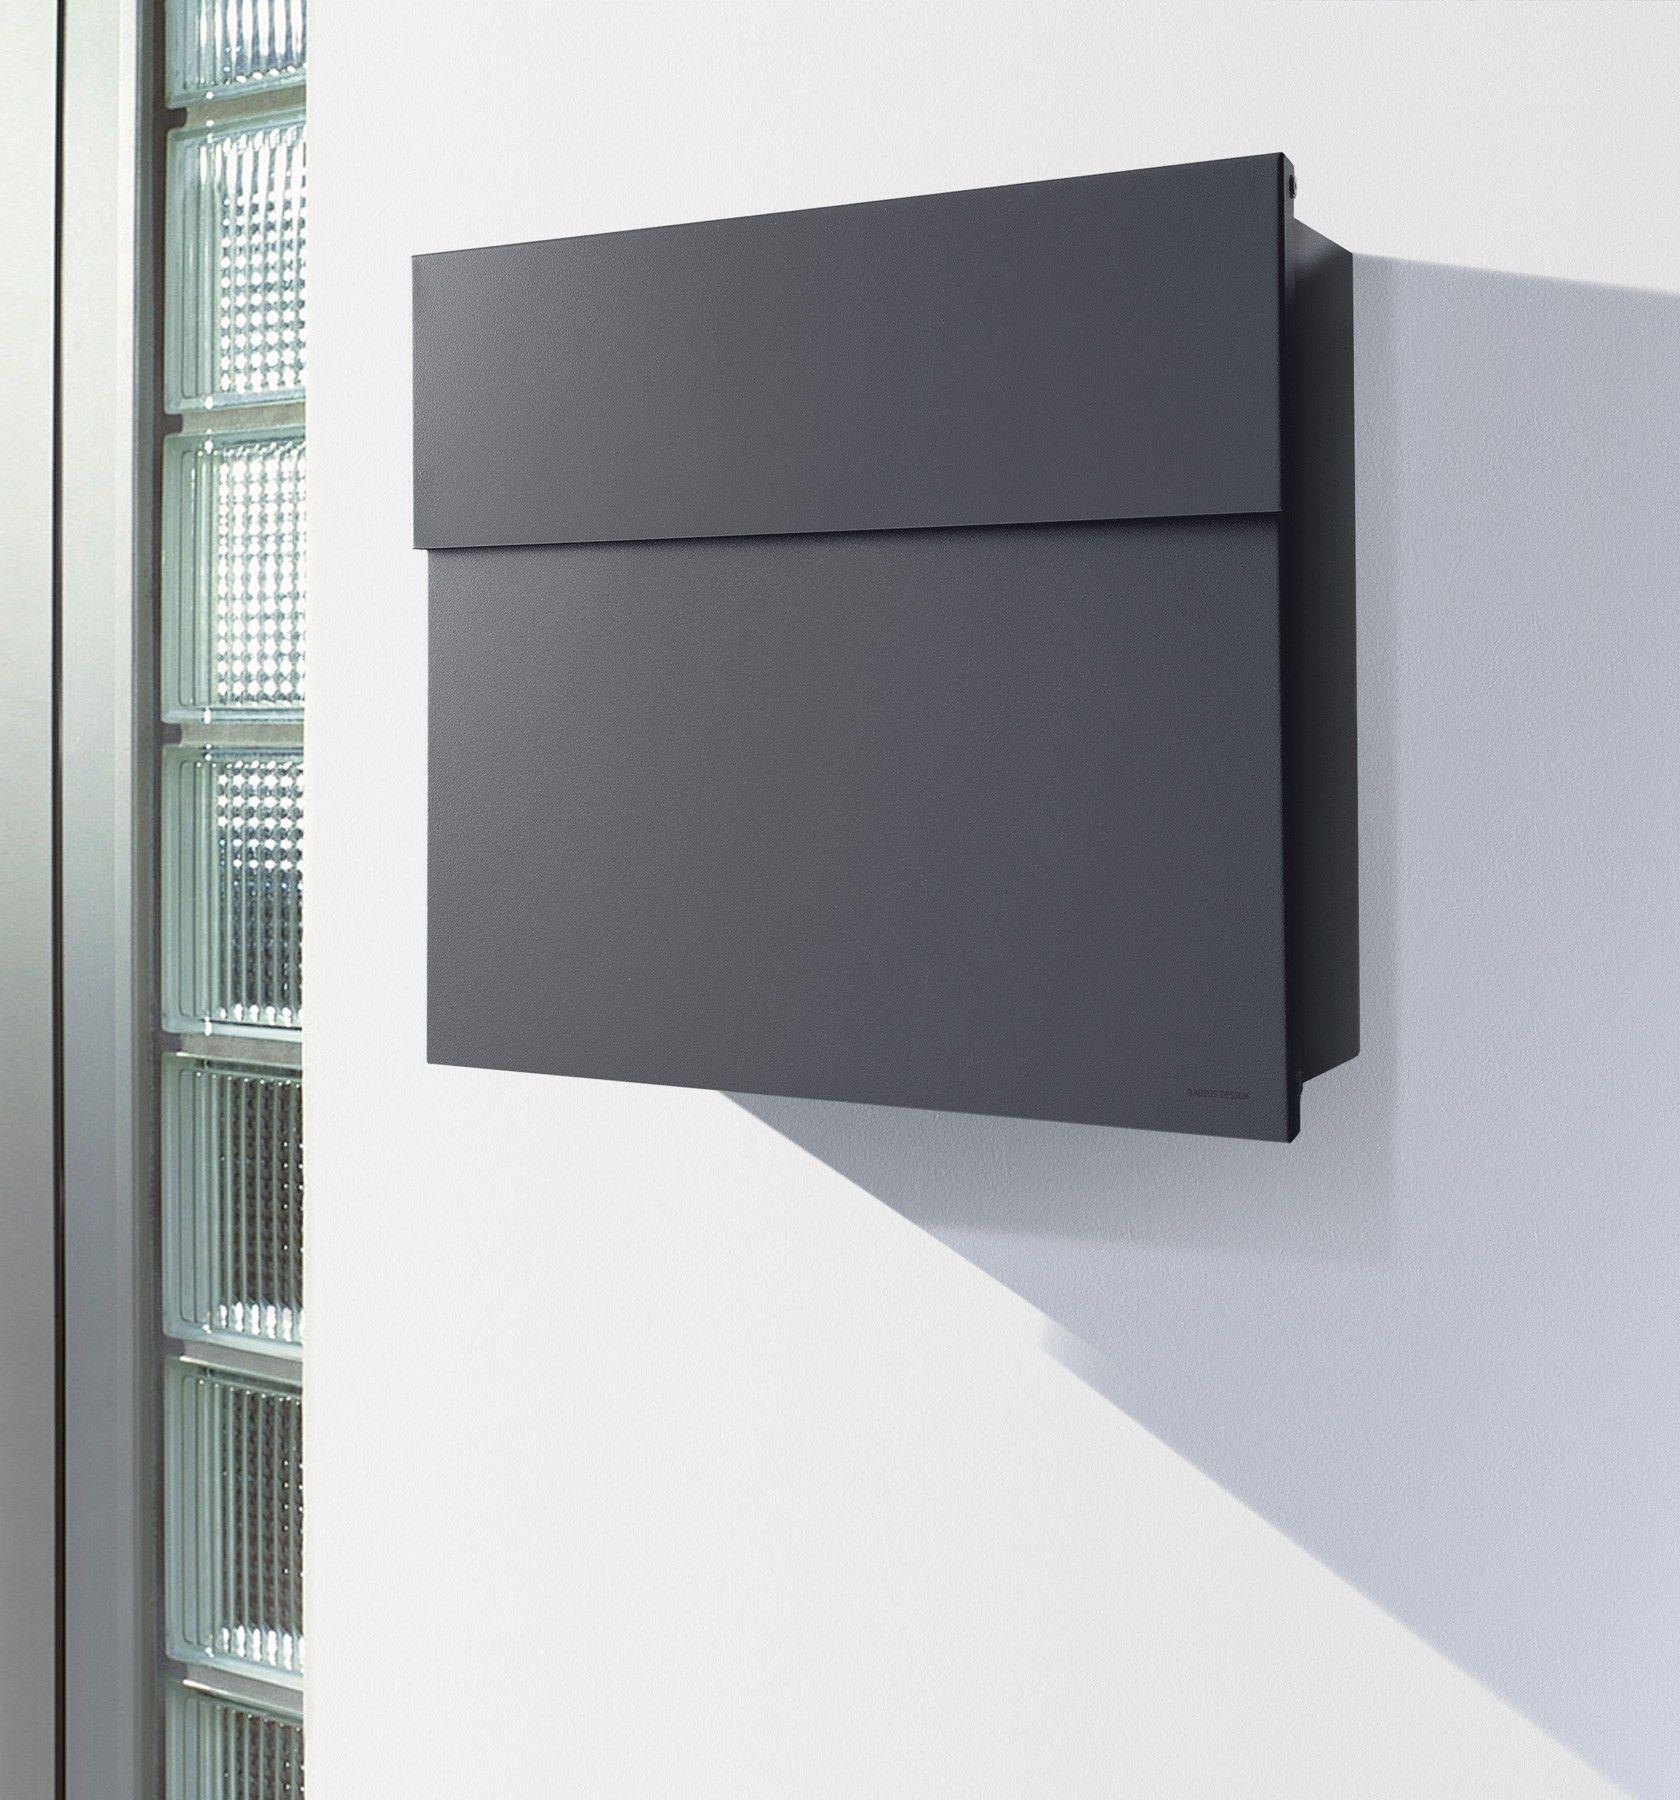 Radius Briefkasten Letterman 4 Anthrazitgrau Ral 7016 Wandbriefkasten Grau Eingang Amp Garten Briefkasten W Design Briefkasten Briefkasten Modern Briefkasten